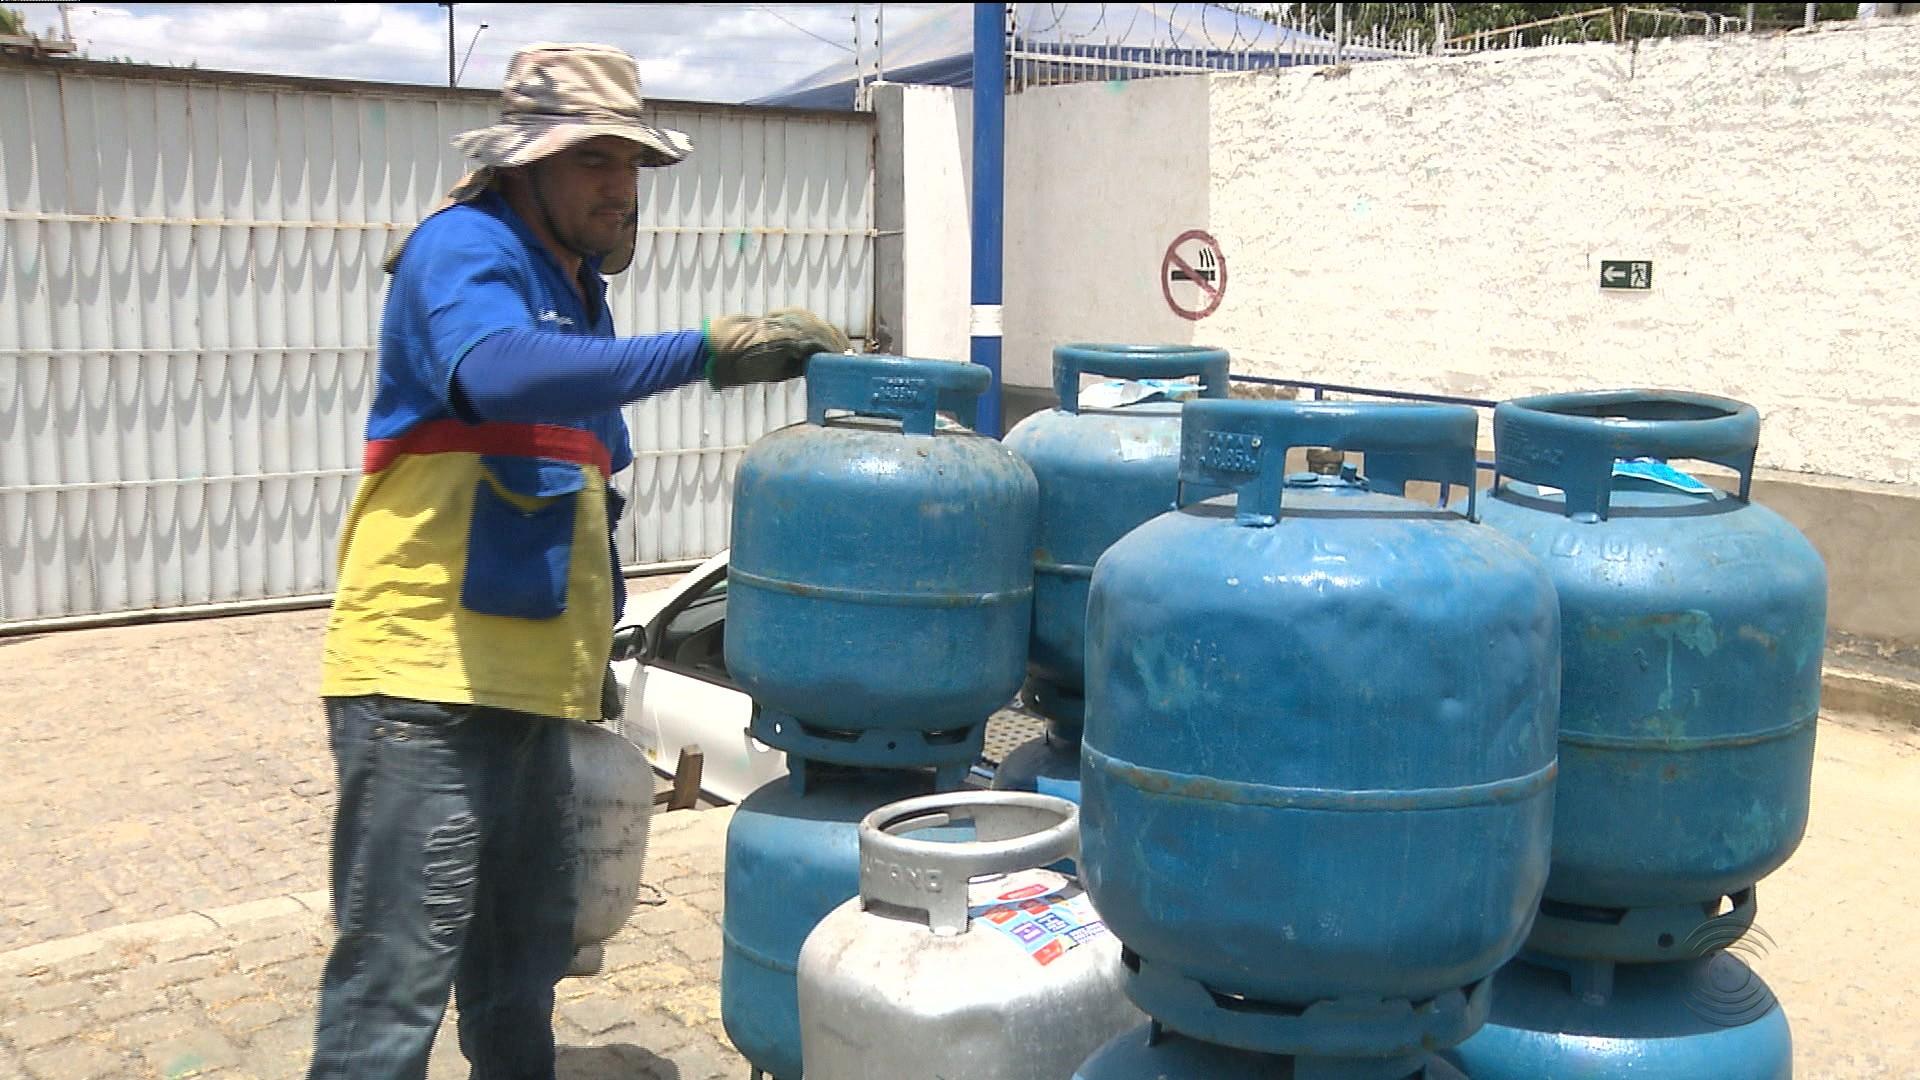 Menor preço do gás de cozinha é de R$ 82,00 em João Pessoa, segundo Procon